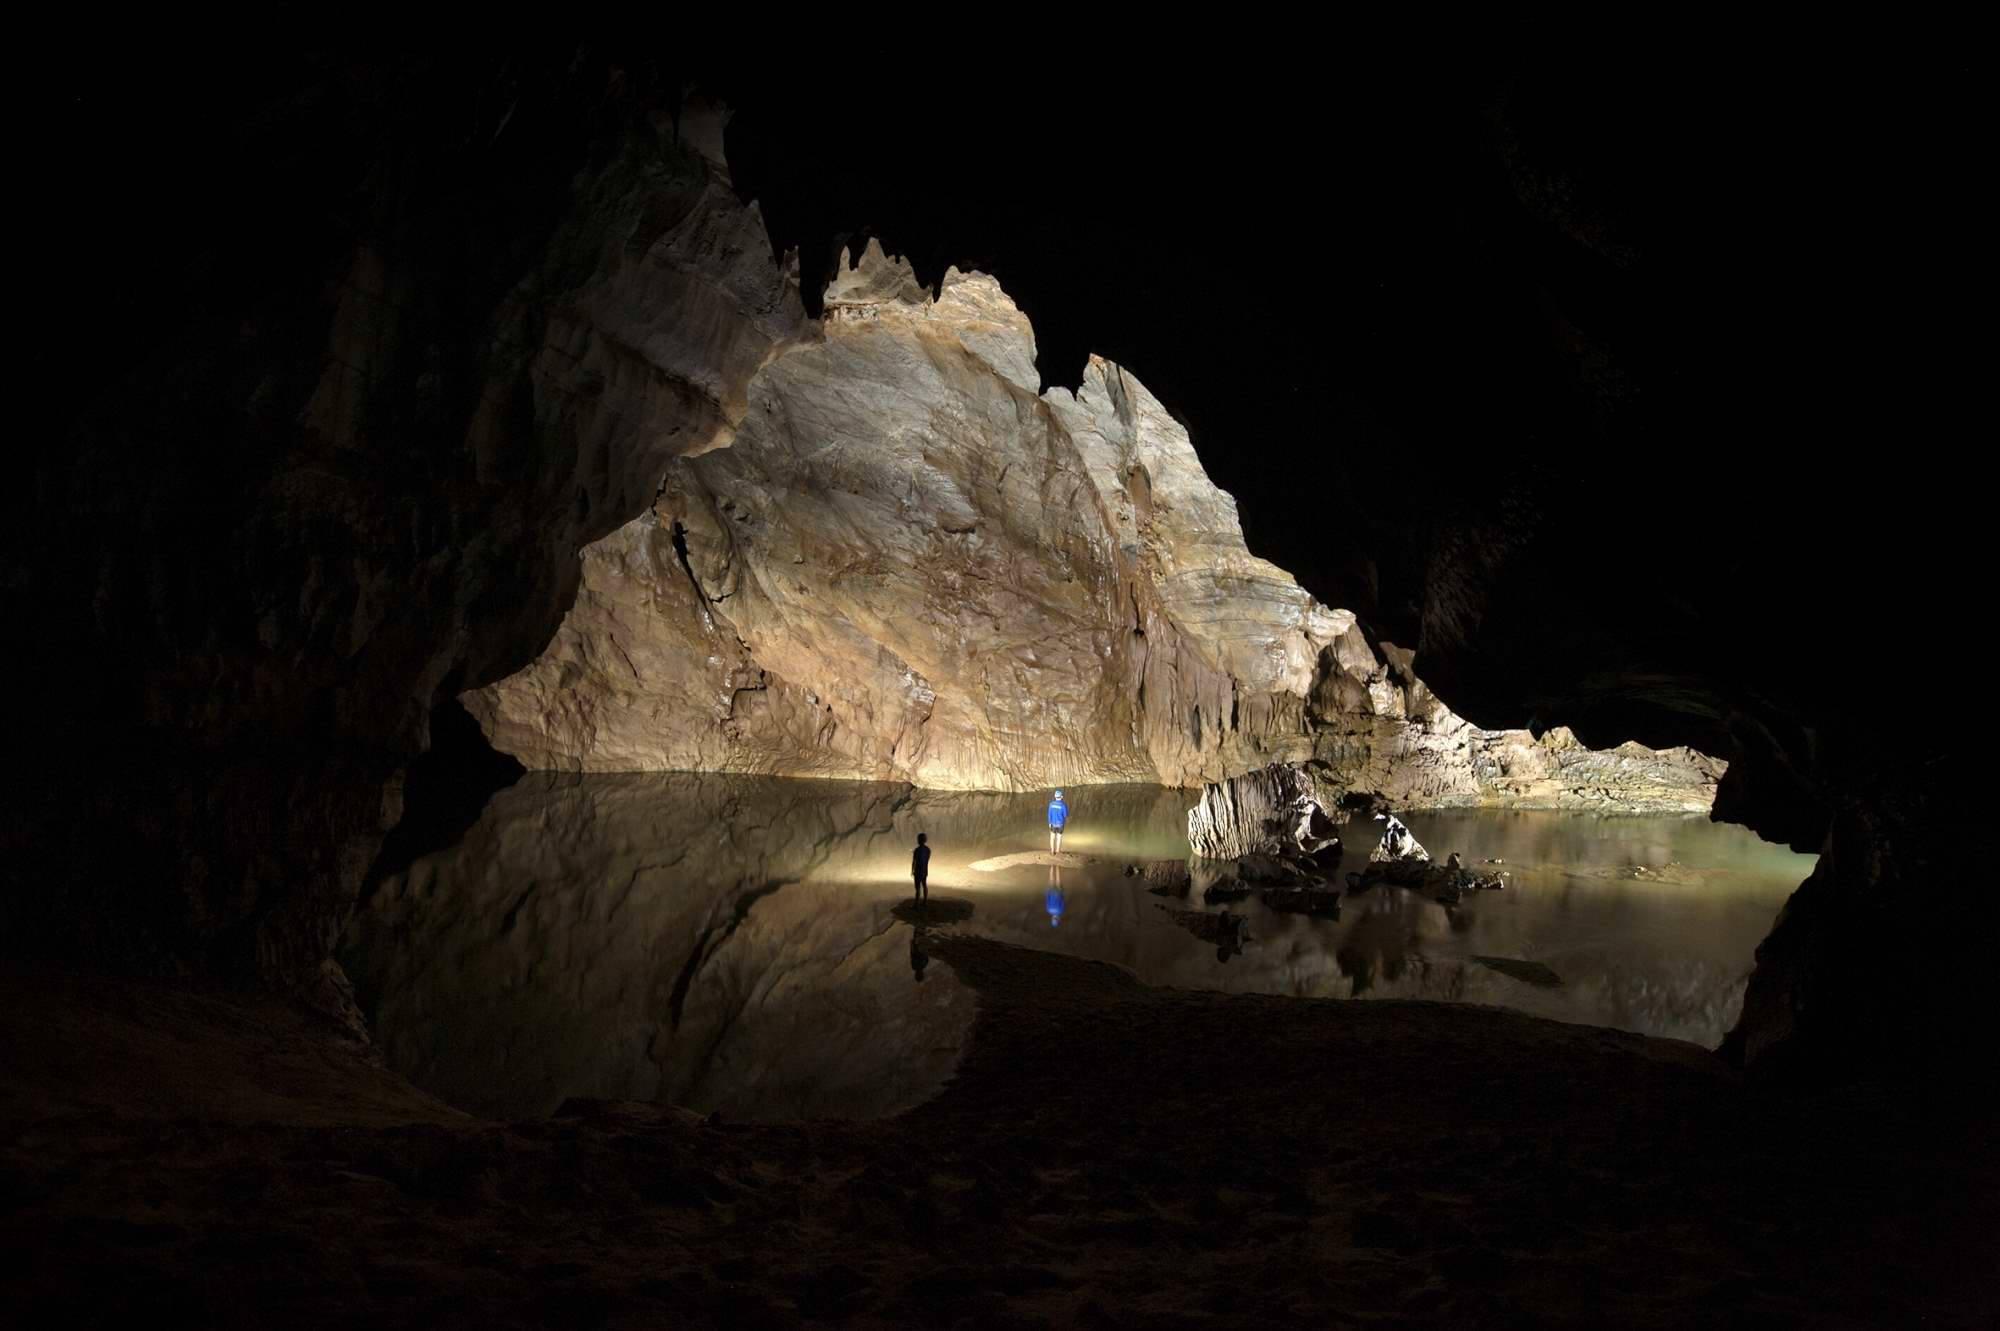 Ảnh về hang động Phong Nha Kẻ Bàng